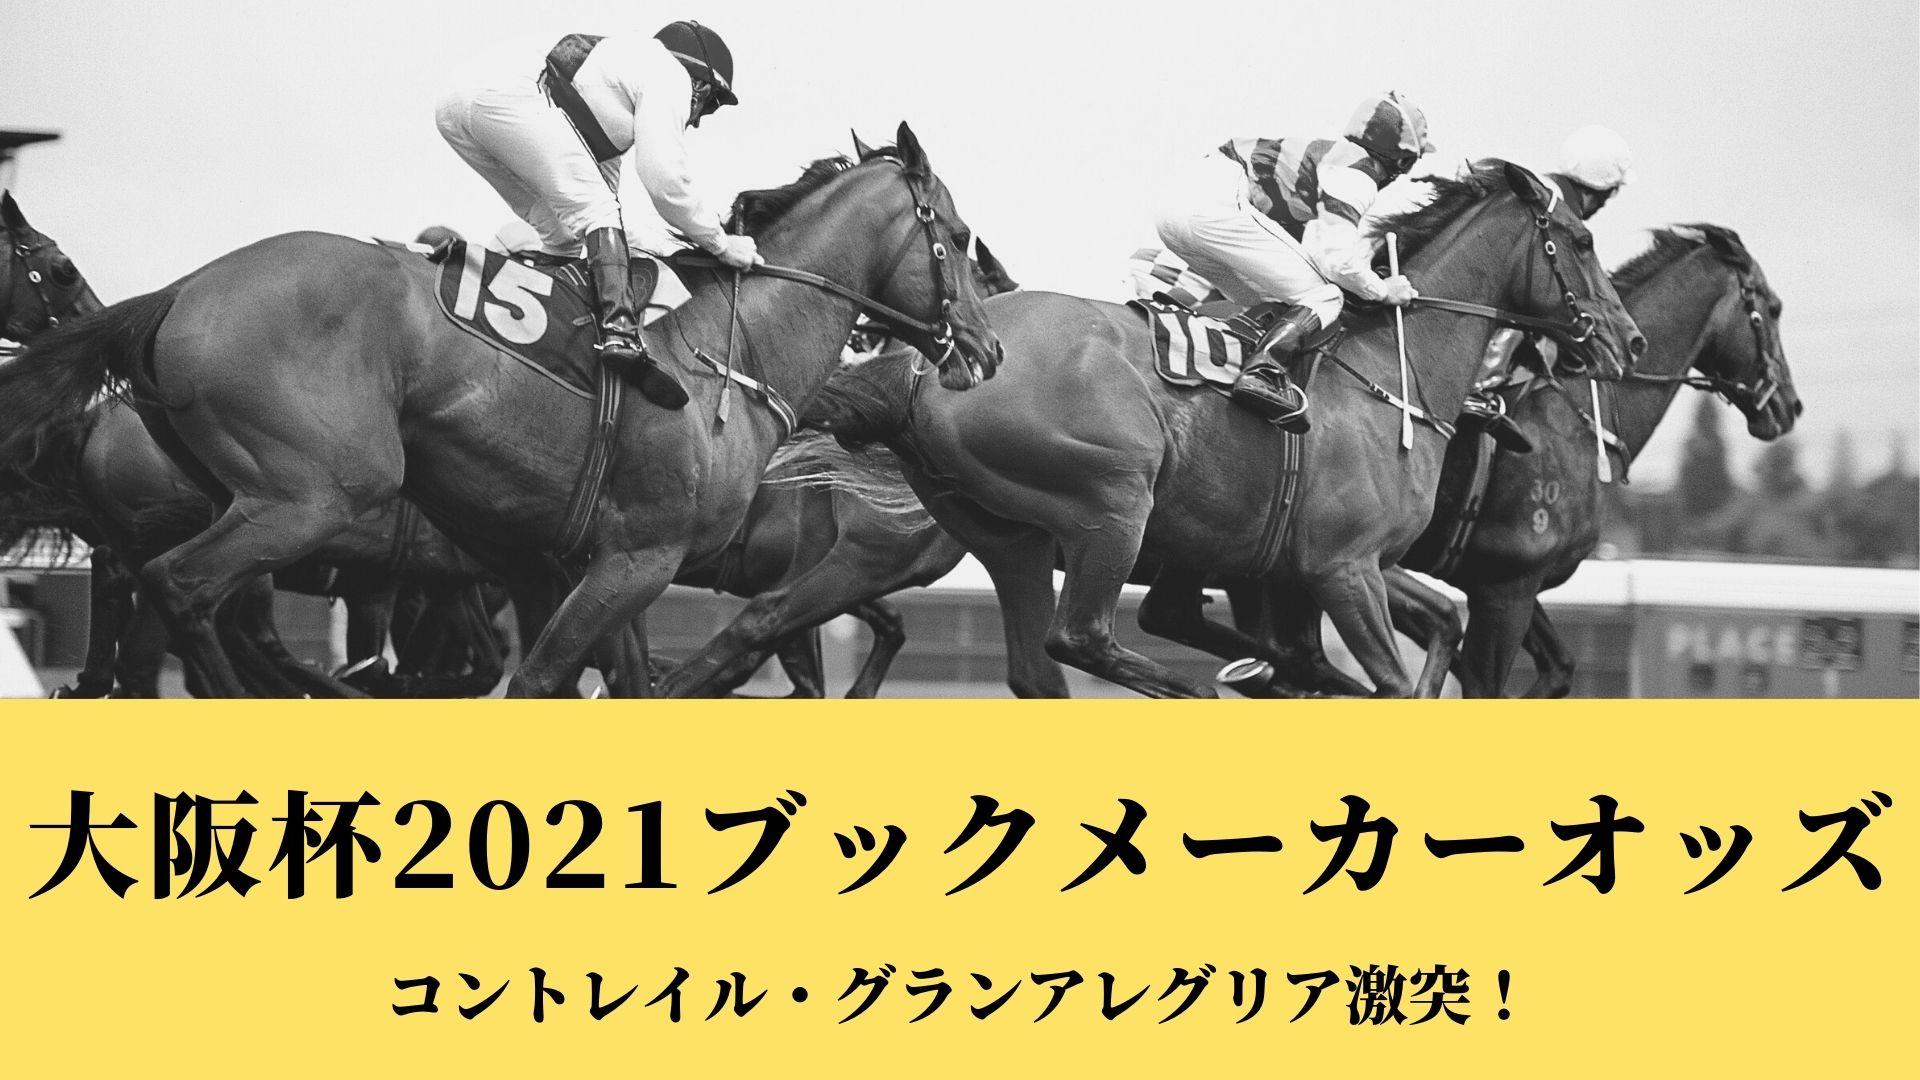 大阪杯2021のブックメーカーオッズ